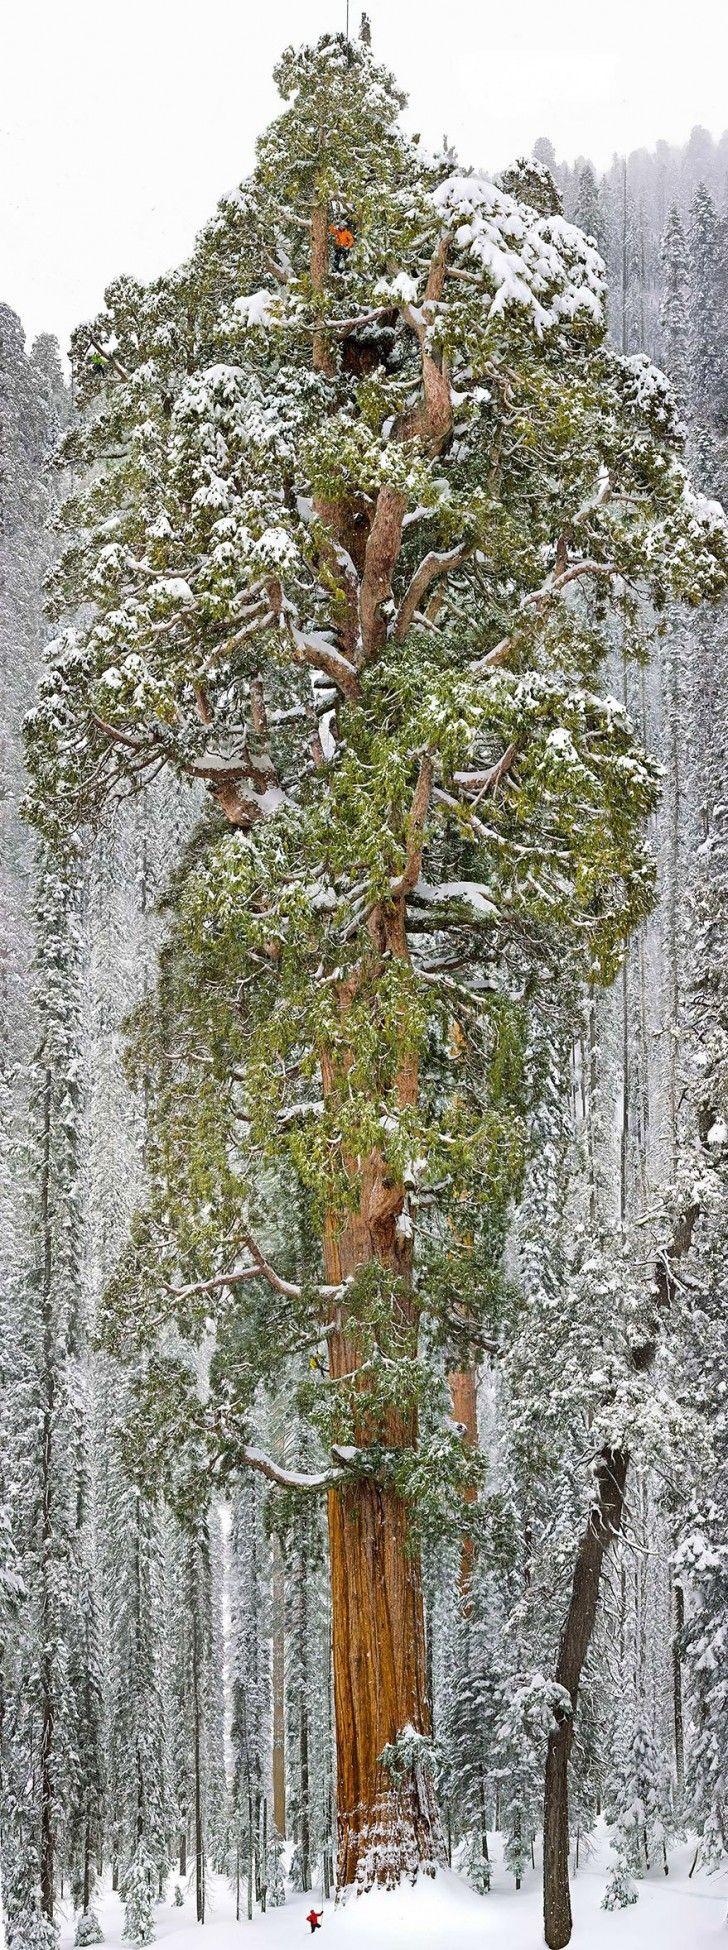 La terza sequoia più grande del mondo si trova nel parco Nazionale del Sequoya, in California, dove è presente questo esemplare alto 73 metri e con una circonferenza di 28 metri. The third worlds largest sequoia is the National Park of Sequoya, in California, where there is this specimen 73 metres high and with a circumference of 28 meters.